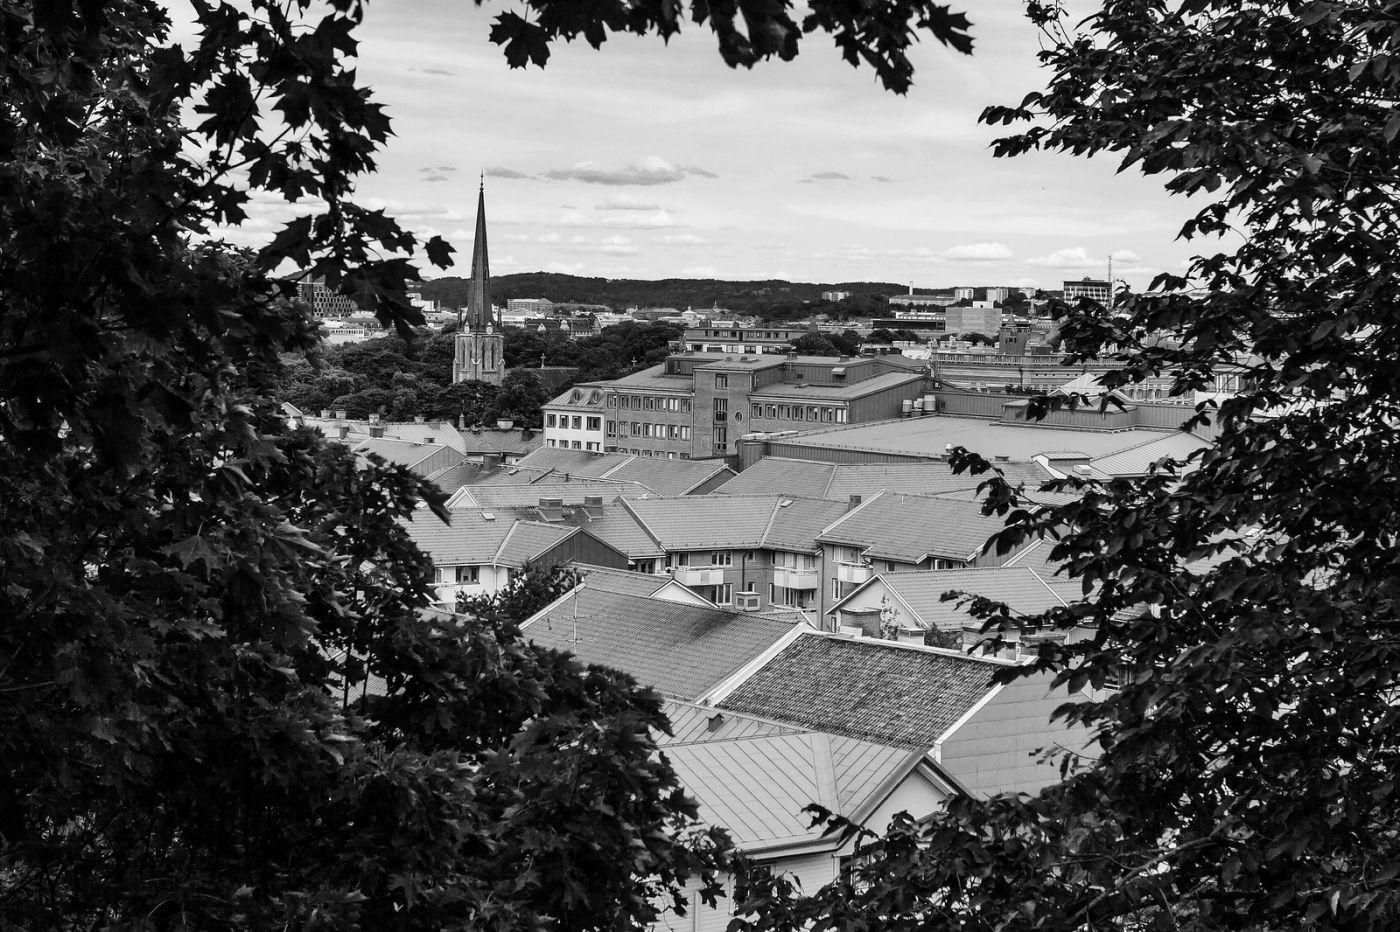 瑞典哥德堡,黑白世界_图1-5